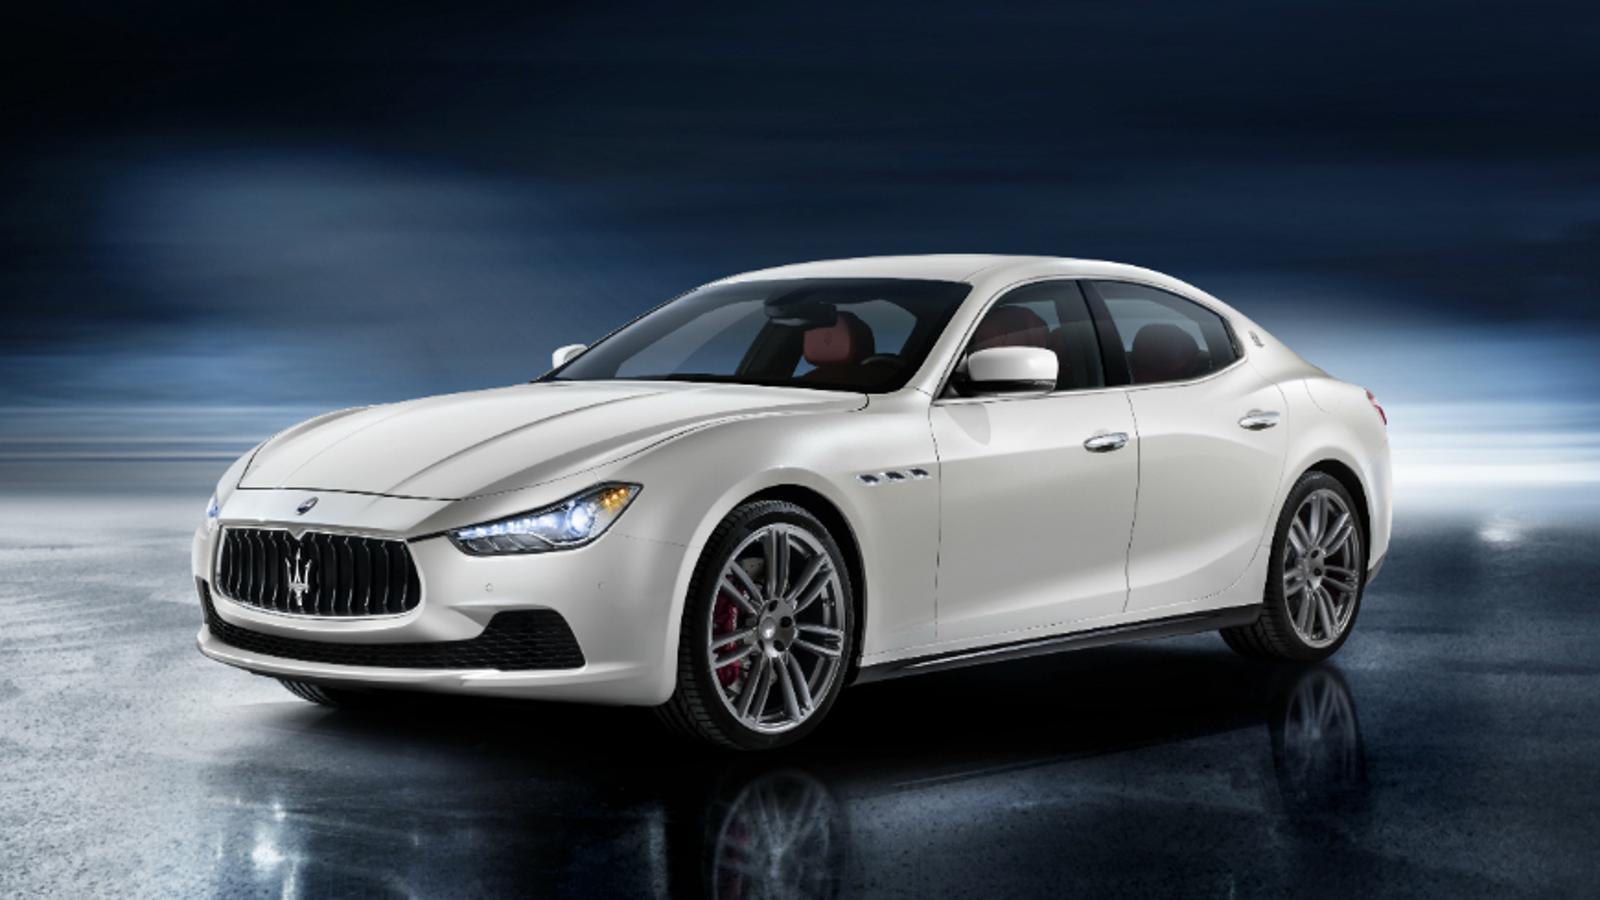 The Maserati Ghibli Is A Luxury Sedan That Sucks At Luxury